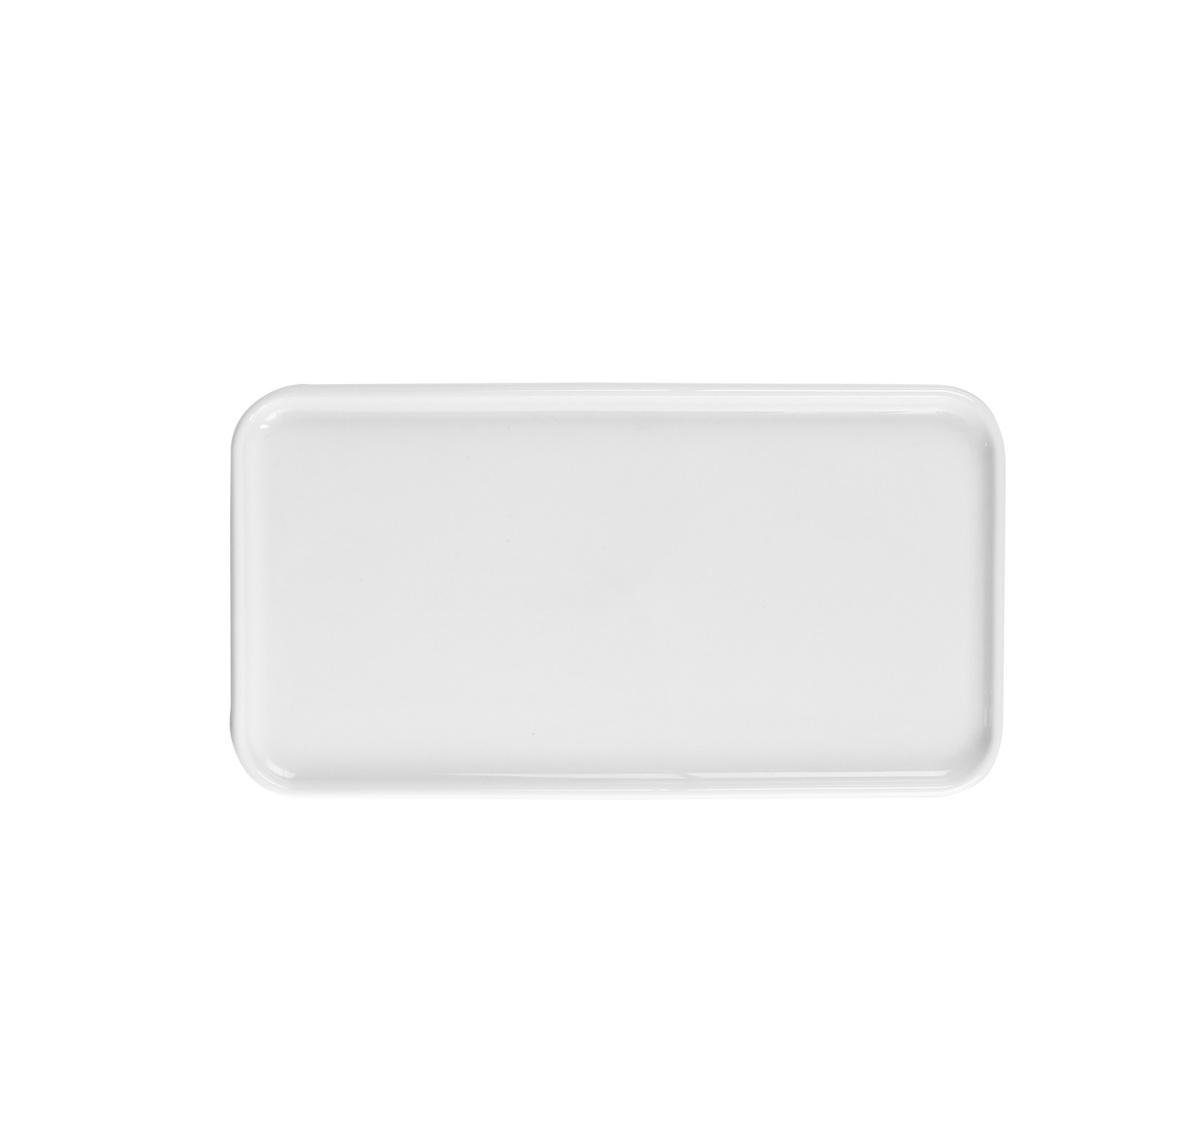 Plateau gn 1/3 rectangulaire blanc porcelaine 32,50 cm Evento Degrenne